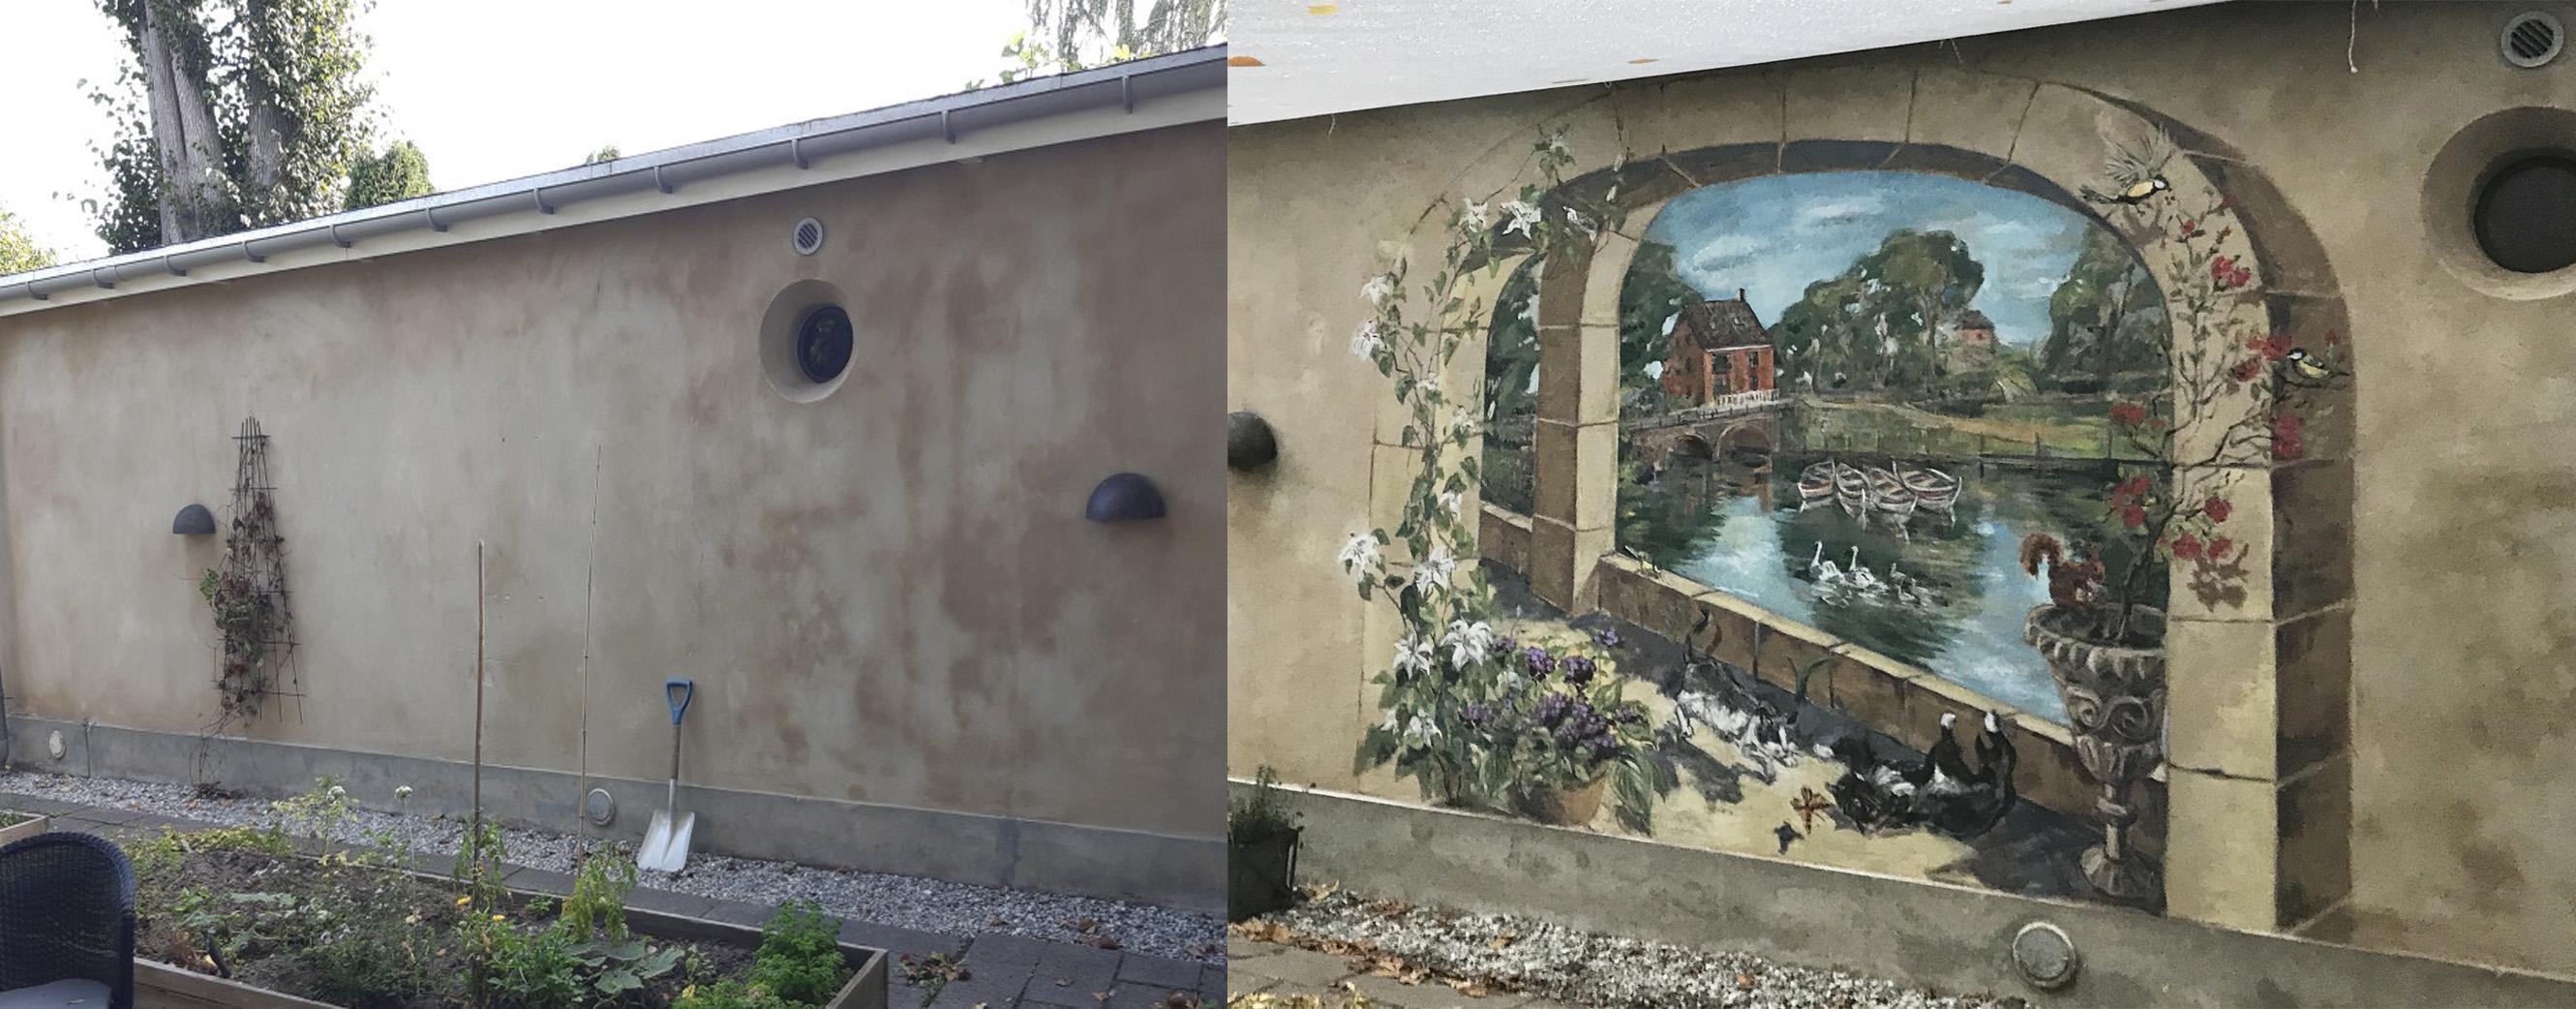 Før og Efter vægudsmykning